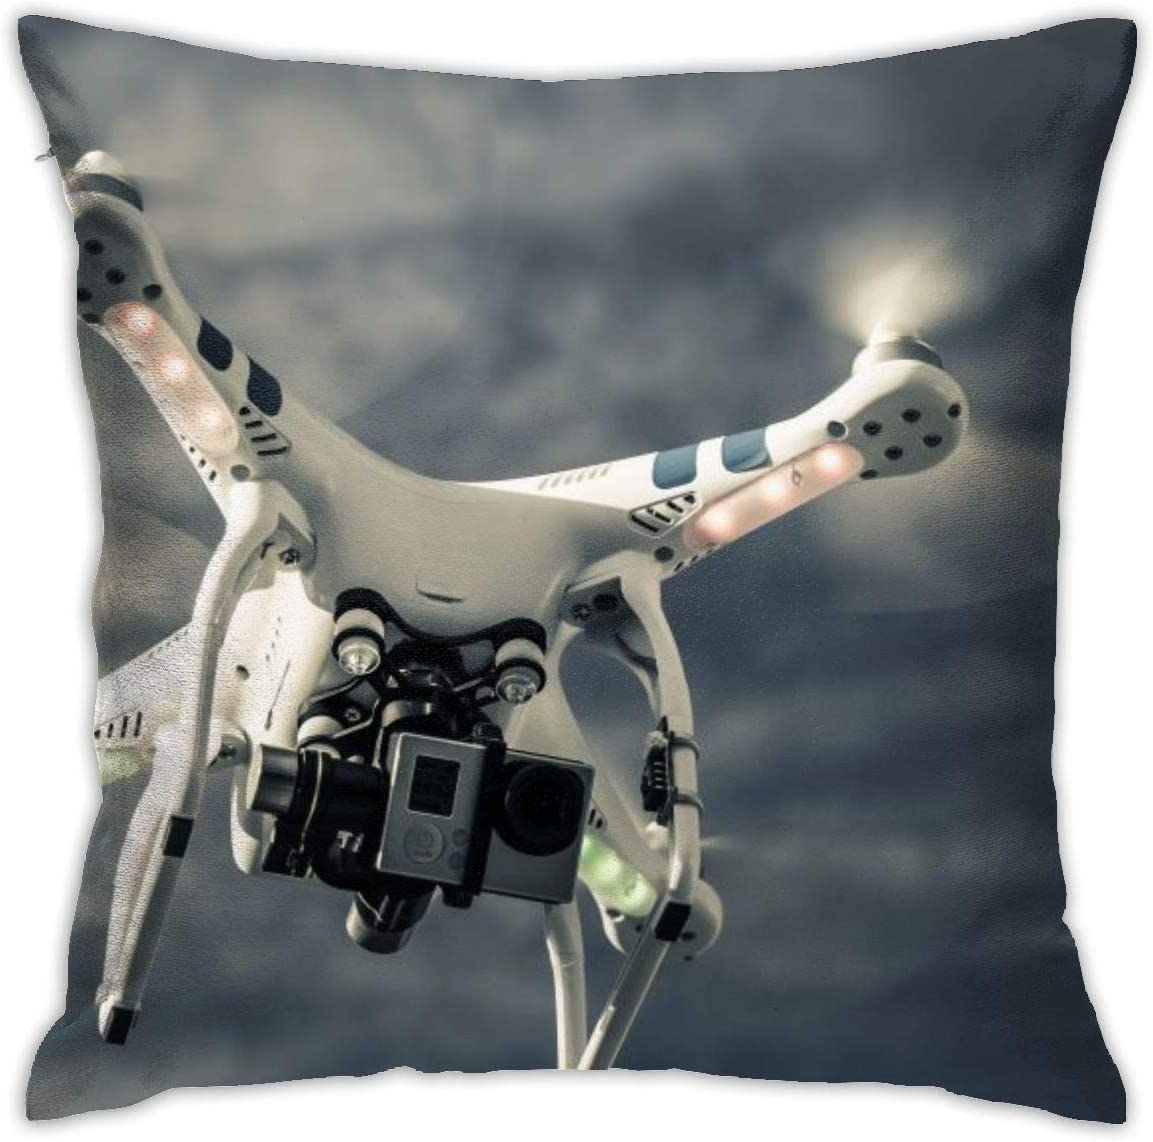 Cup Off Funda de Almohada de Tiro UAV Drone Bed Sofá Funda de Almohada Funda de cojín